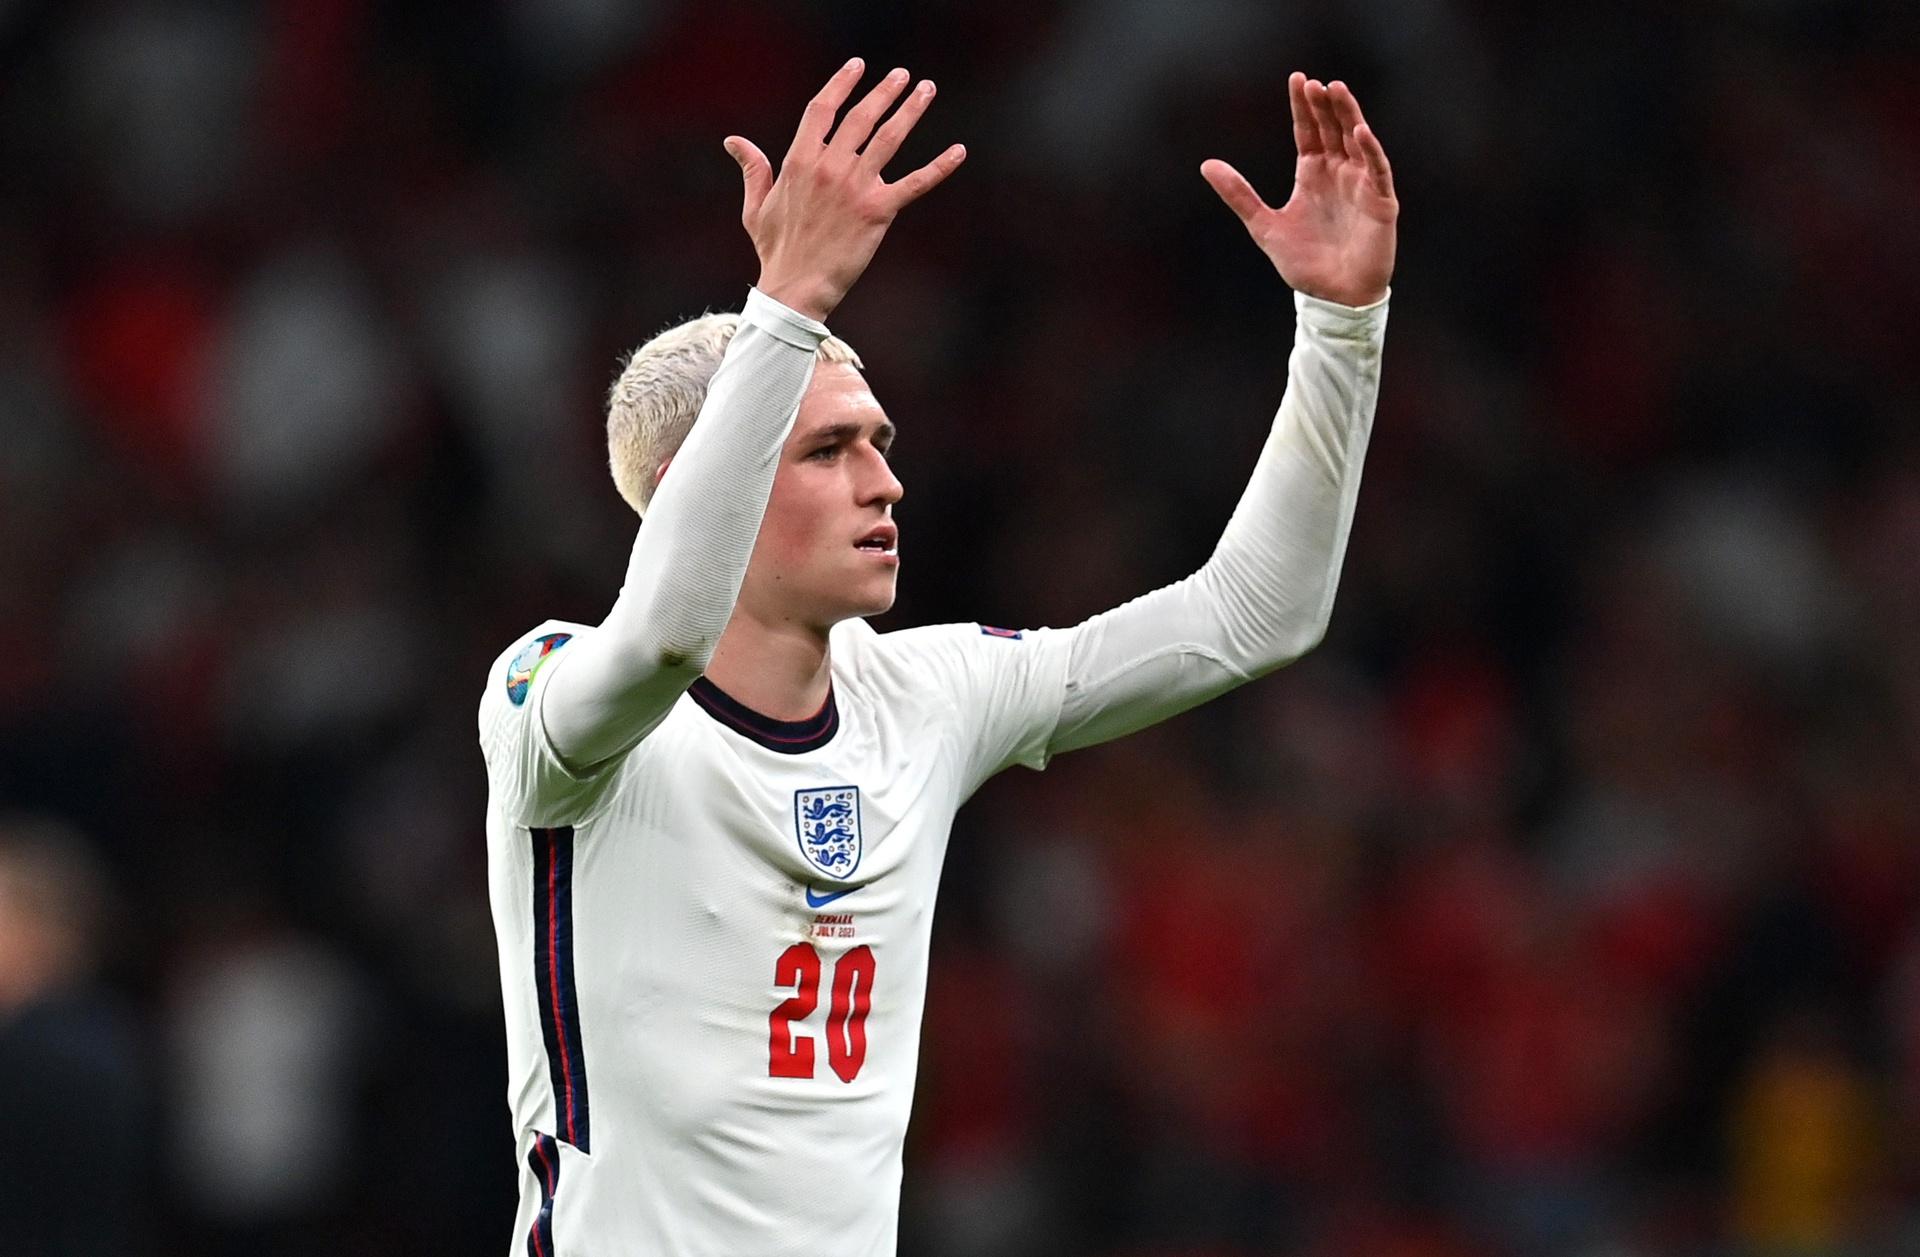 Việc Phil Foden vắng mặt không gây nên quá nhiều ảnh hưởng đối với đội tuyển Anh